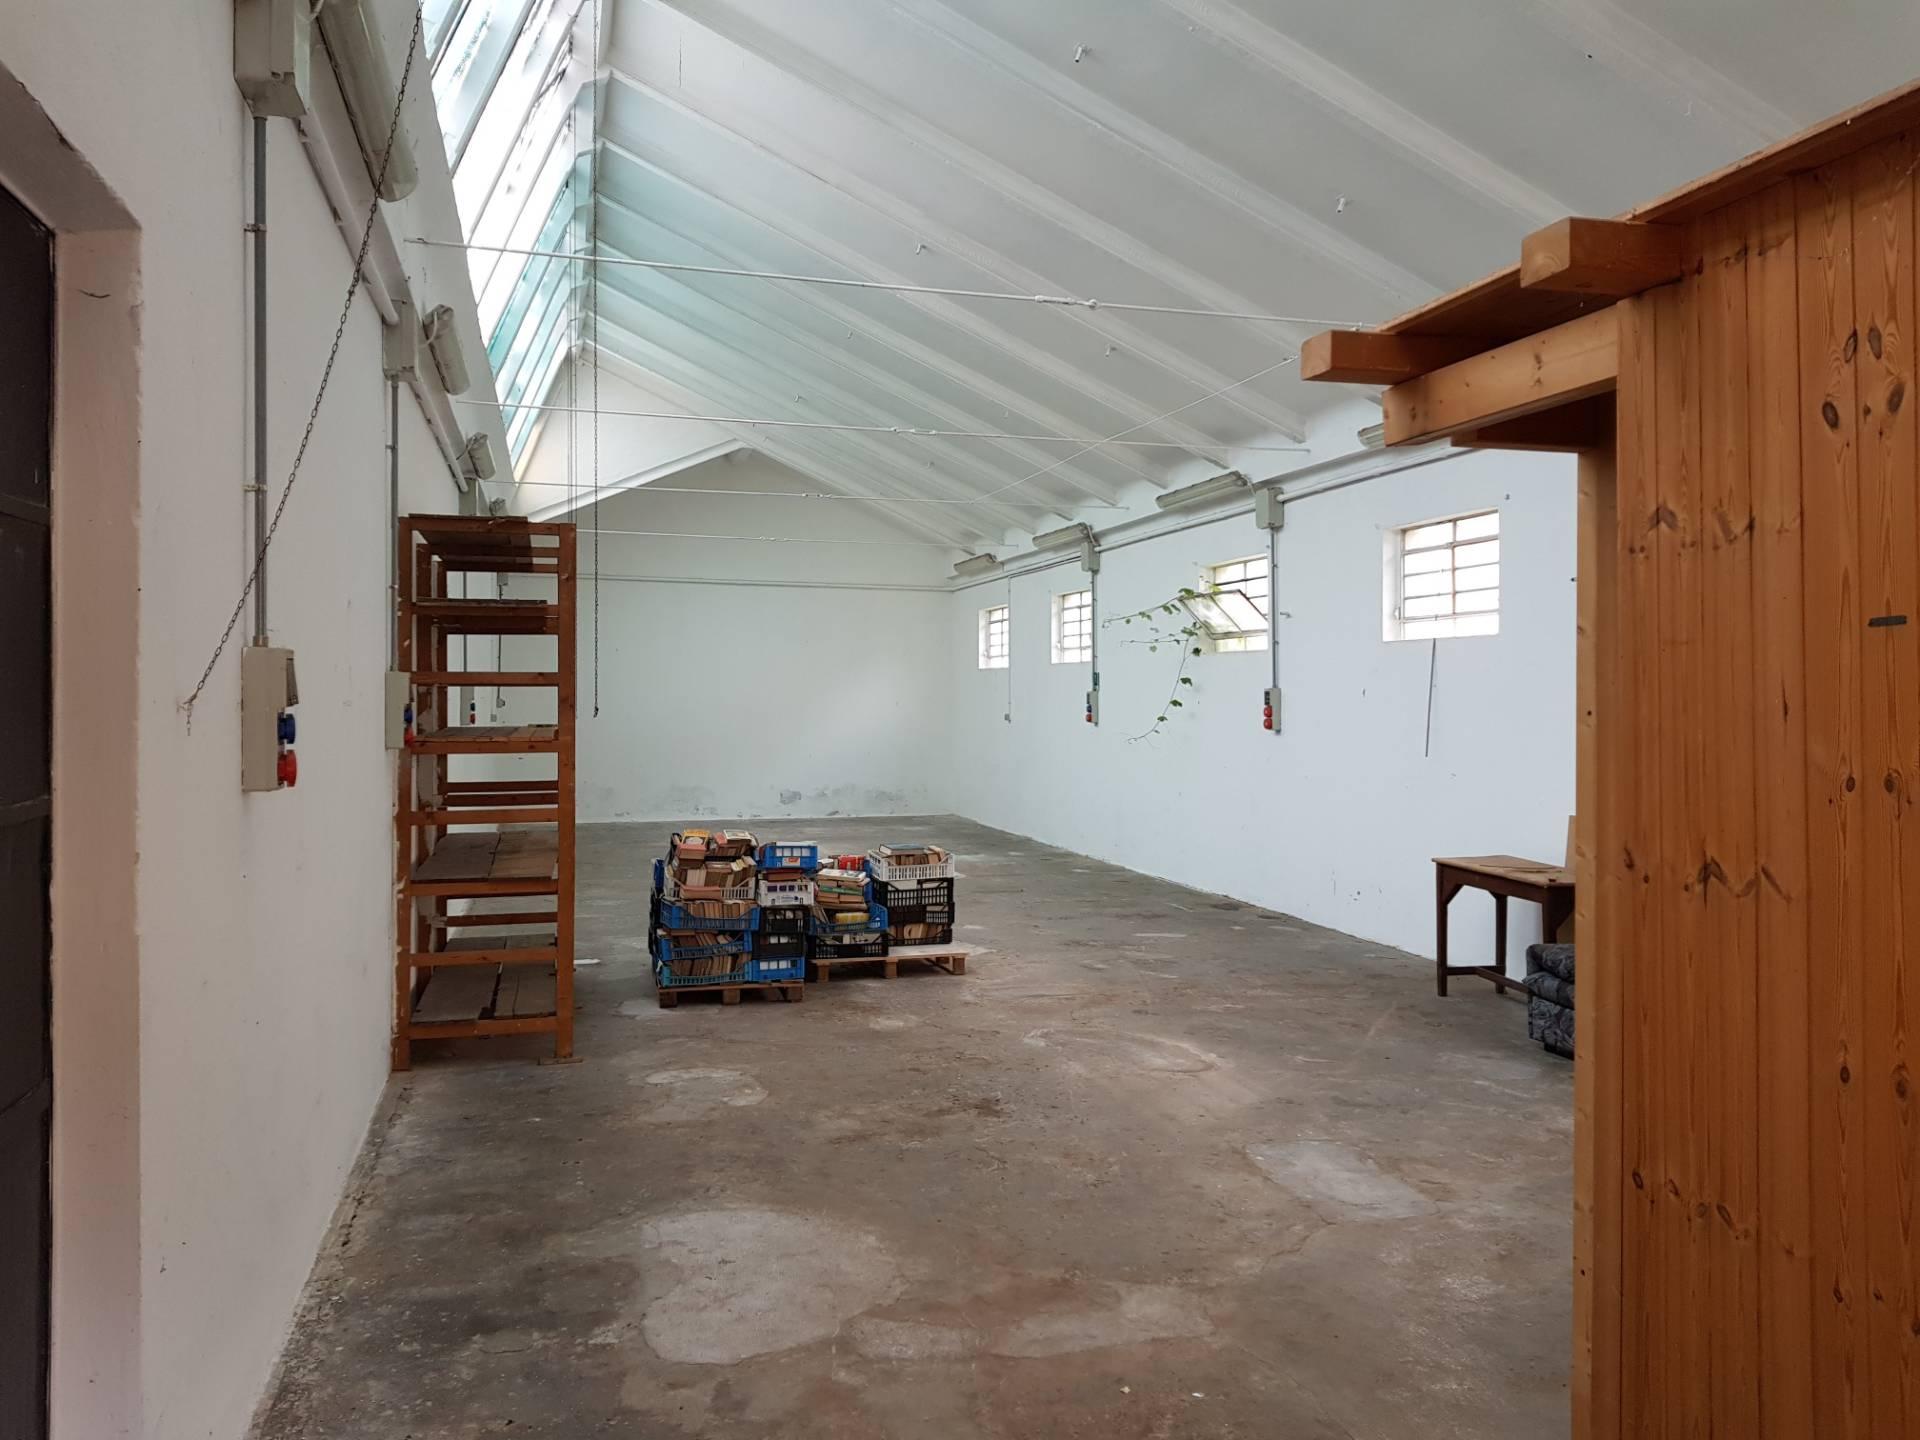 Laboratorio in affitto a Busto Arsizio, 9999 locali, zona Zona: Ospedale, prezzo € 500 | CambioCasa.it